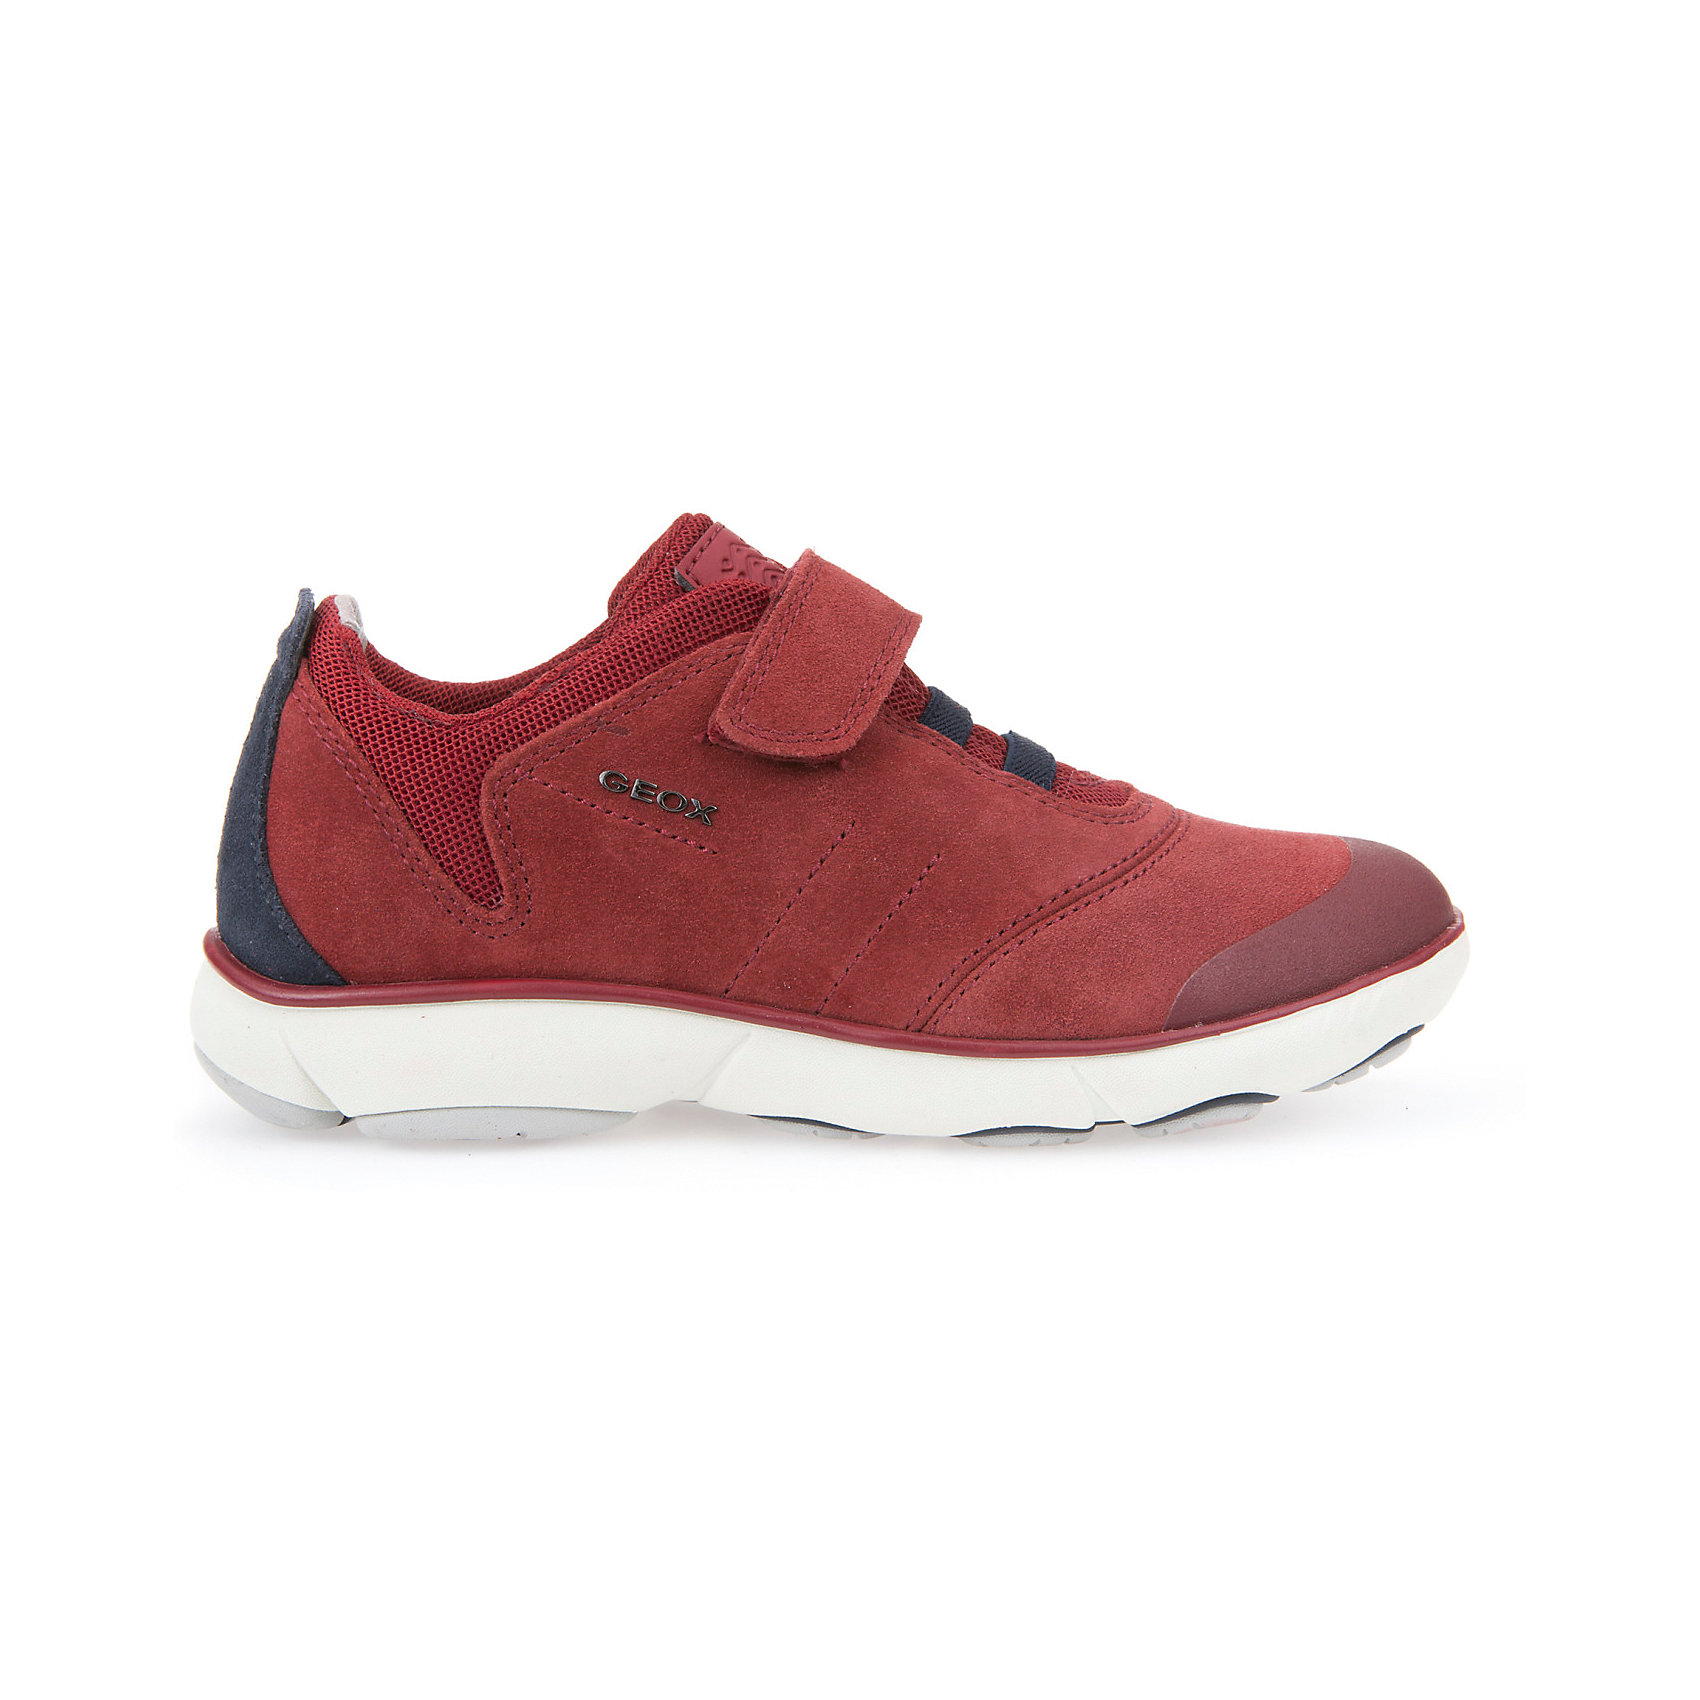 Кроссовки для мальчика GEOXКроссовки<br>Кроссовки для мальчика от знаменитого итальянского бренда взрослой и детской одежды и обуви GEOX (Геокс). Прогулки станут еще веселее! Кроссовки представлены в цвете красного кирпича в  с темно-синими деталями отделки, которые отлично сочетаются с белой подошвой. Идеальные для игр, кроссовки имеют все необходимое для удобства и комфорта ребенка в течение всего дня. Разработанная технология подошвы кроссовок не позволяет им скользить, амортизирует шаги, не пропускает воду и позволяет стопе дышать. Мягкая подошва отлично гнется, обеспечивая безопасность шагов малыша, поддерживая стопу, позволяя стоять более уверенно и оставляя свободу движения. Эргономичная кожаная антибактериальная стелька и высокий задник хорошо фиксируют голеностоп и удобны в носке. Внутренний материал позволяют легко надевать и снимать кроссовки, застегивая на практичную липучку. Кроссовки сохраняют тепло ног ребенка и оставляют их сухими, позволяя им дышать. <br>Дополнительная информация:<br>- Состав:<br>верх:  70% натуральная кожа, 26% текстиль, 4% синтетика<br>подкладка: 89% текстиль, 6% синтетика, 5 % синтетика<br>стелька: натуральная кожа <br>подошва: резина<br>Кроссовки для мальчика GEOX (Геокс) можно купить в нашем магазине.<br>Подробнее:<br>• Для детей в возрасте: от 6 до 11 лет<br>• Номер товара: 5007885<br>Страна производитель: Вьетнам<br><br>Ширина мм: 250<br>Глубина мм: 150<br>Высота мм: 150<br>Вес г: 250<br>Цвет: красный/синий<br>Возраст от месяцев: 36<br>Возраст до месяцев: 48<br>Пол: Мужской<br>Возраст: Детский<br>Размер: 28,27,38,29,30,31,32,33,34,35,36,37<br>SKU: 5007885